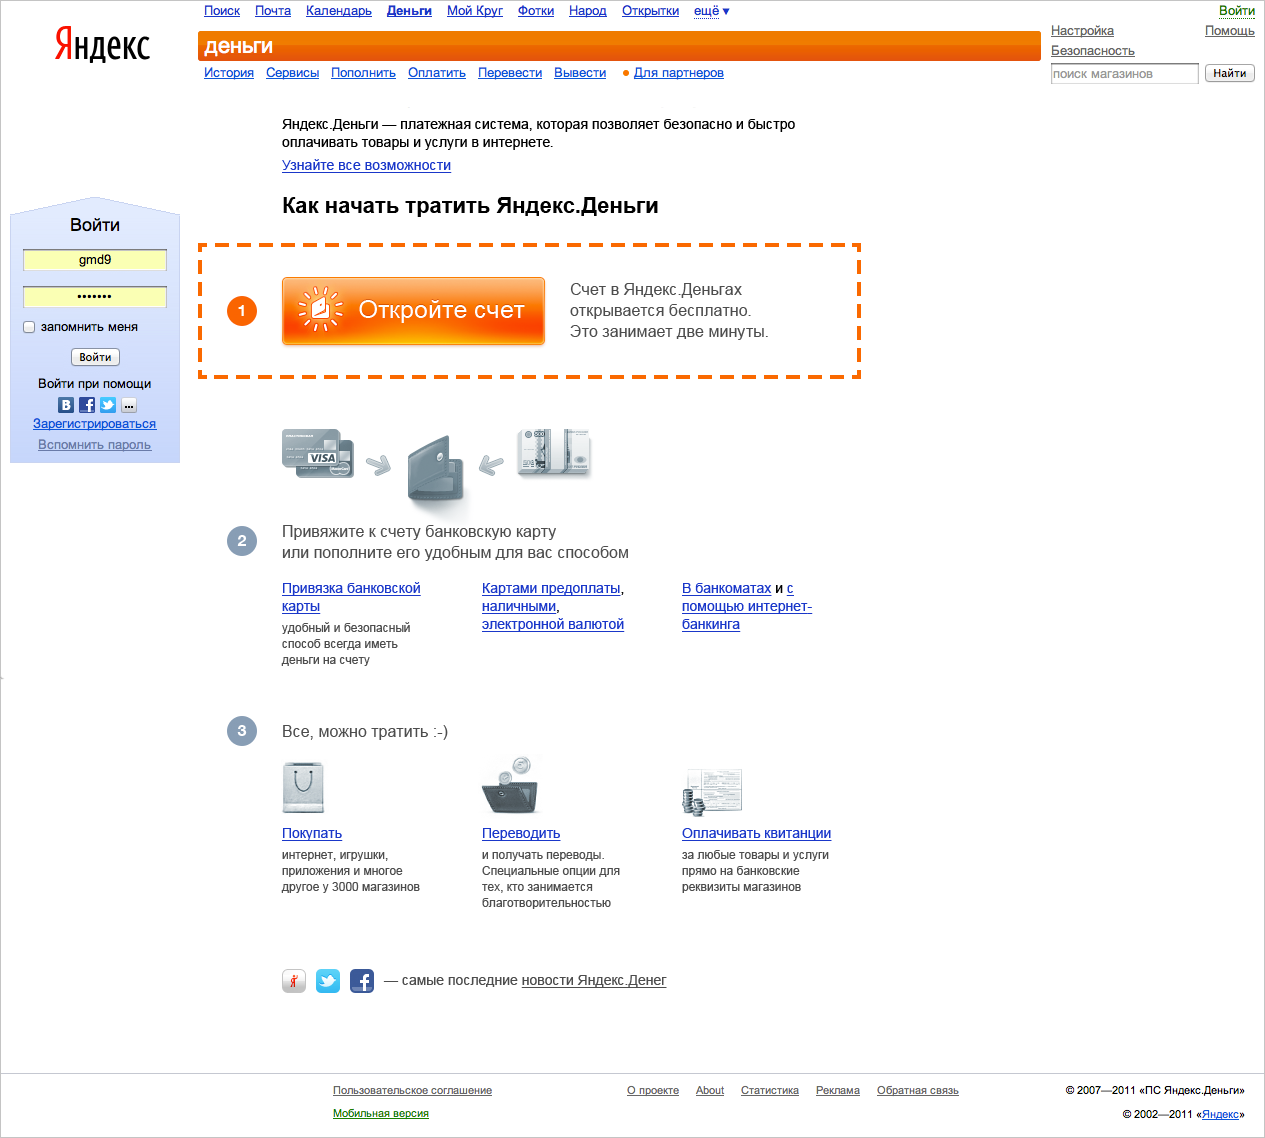 Дружелюбный дизайн и миллион новых пользователей: год экспериментов в Яндекс.Деньгах - 3